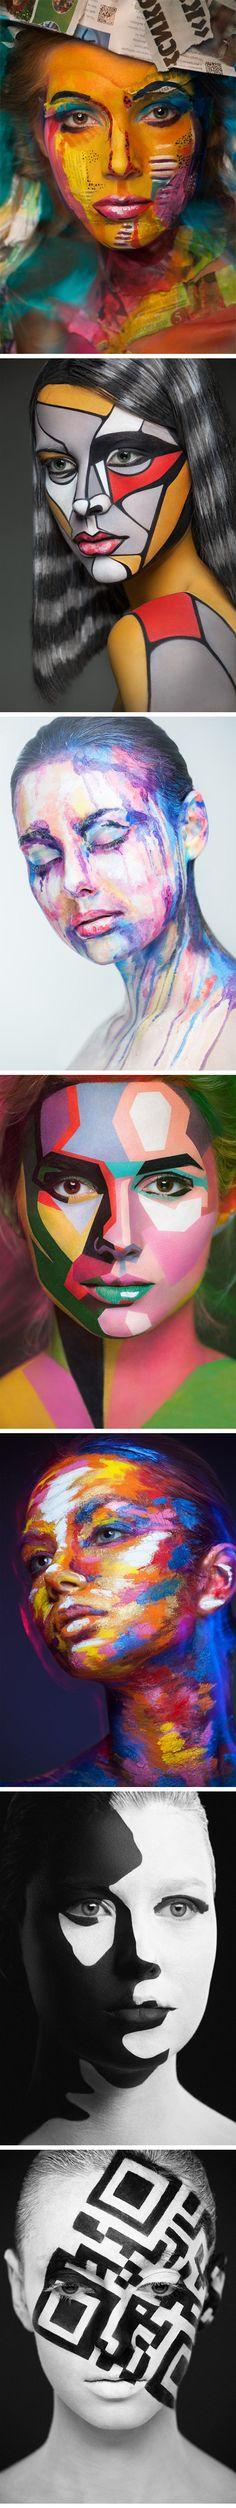 Makeup Transforms Faces Into Iconic 2D Prints...